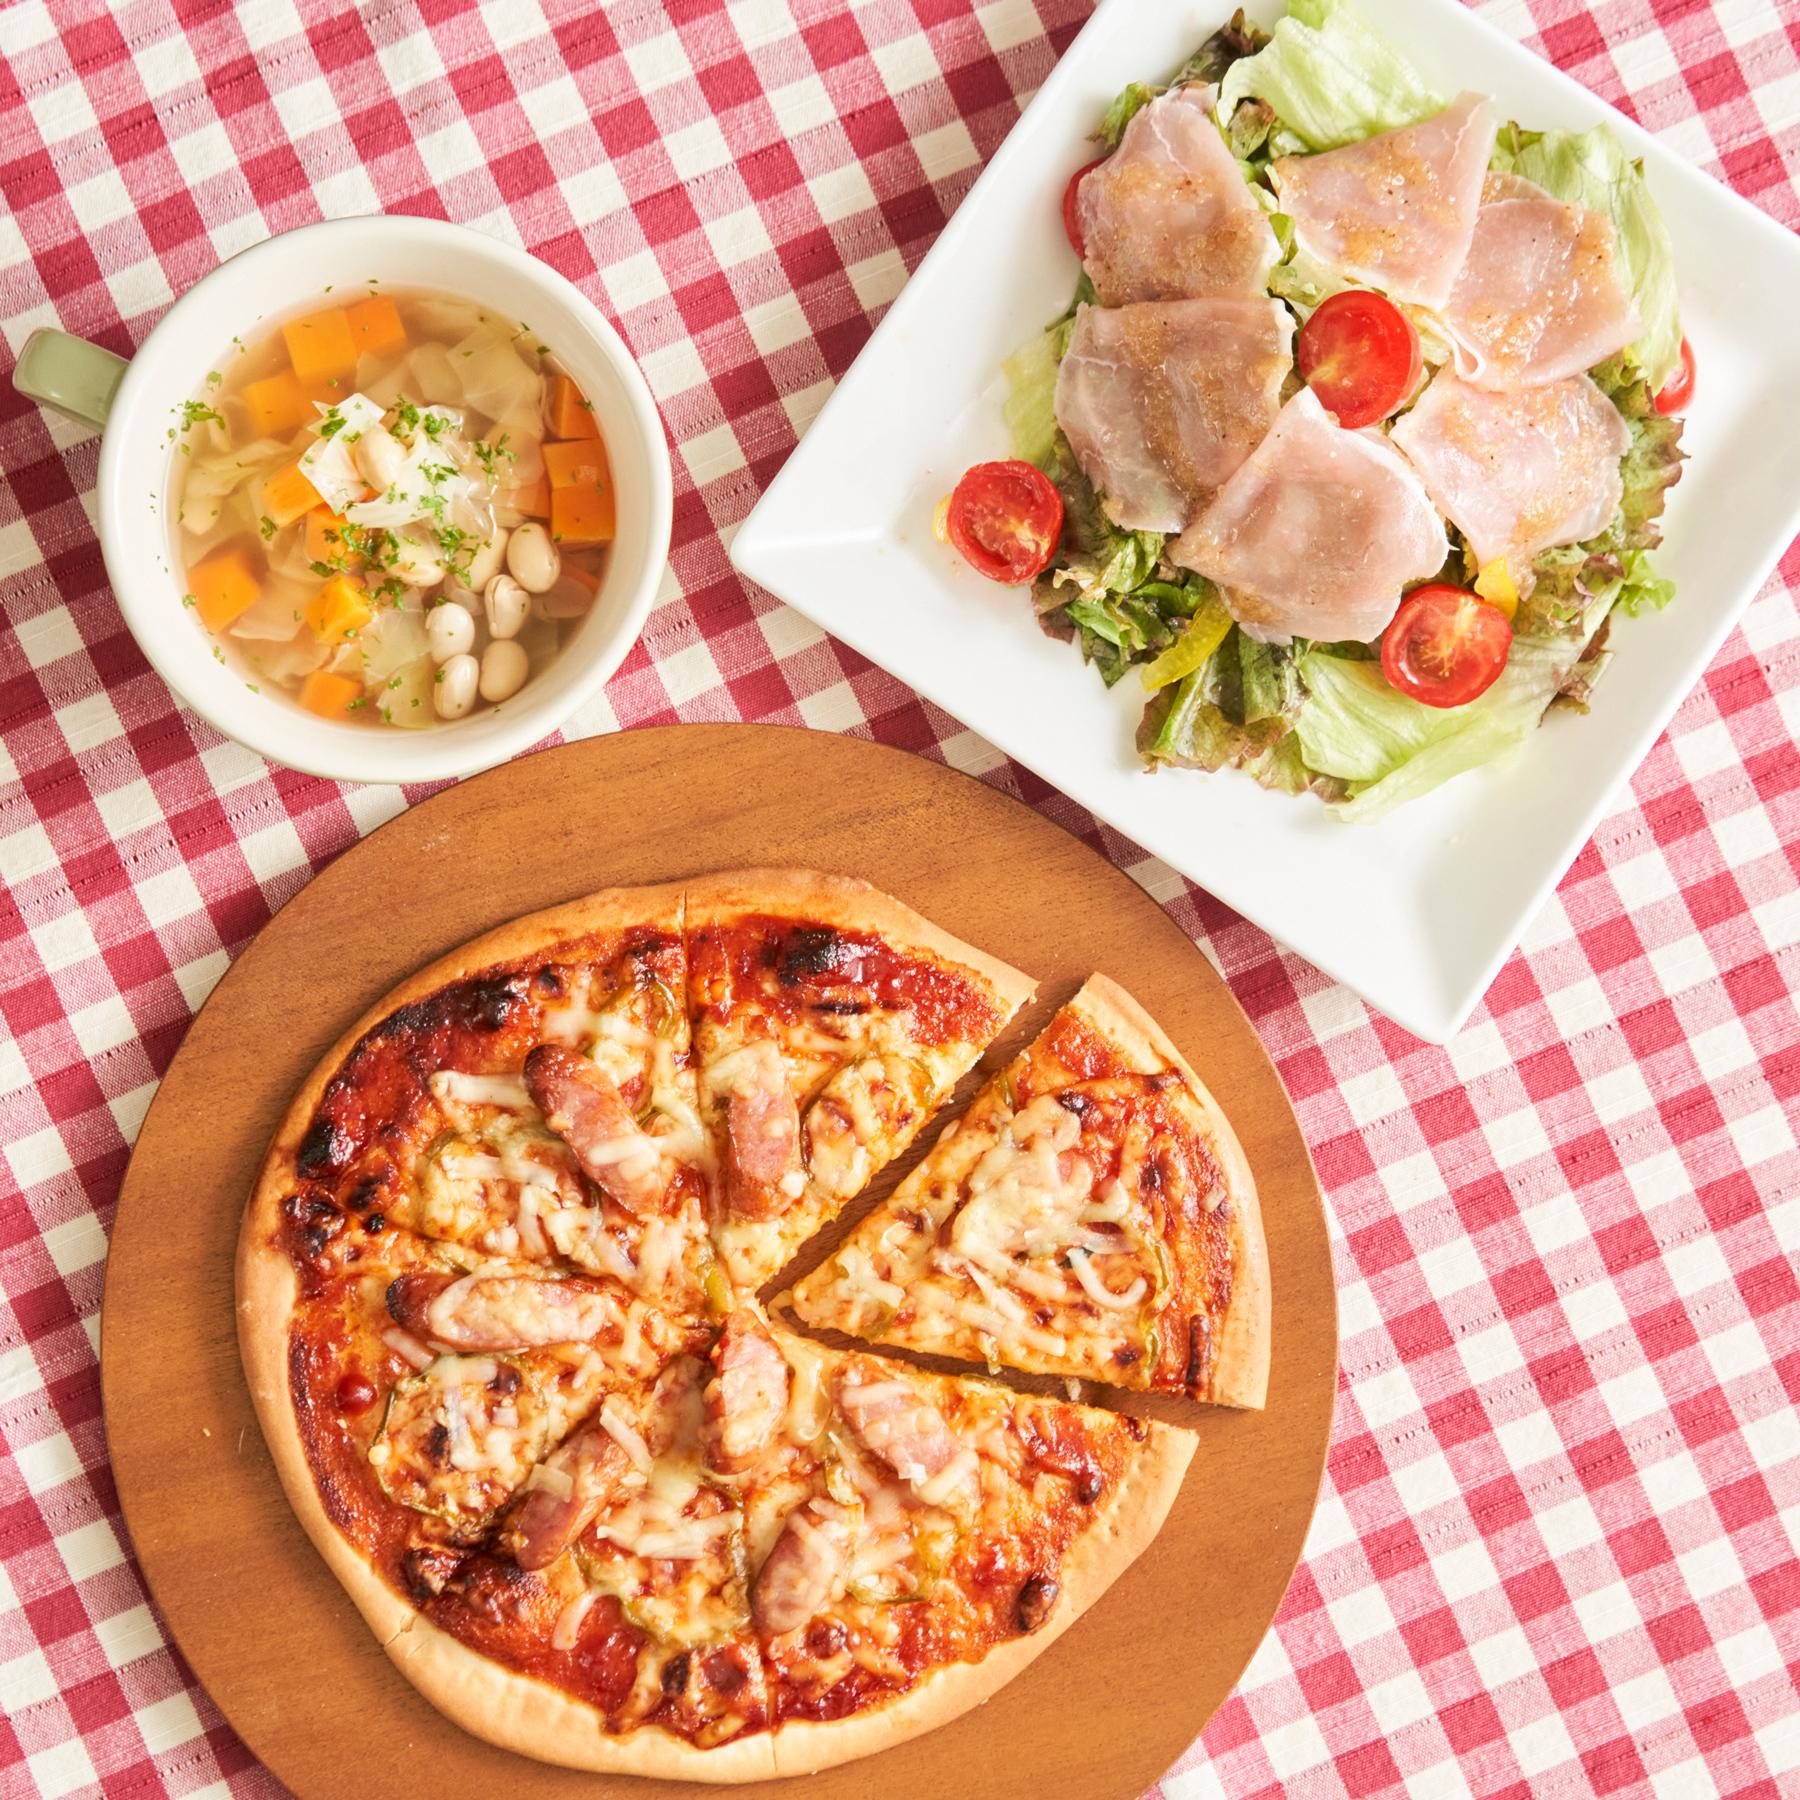 夏休みに子どもと一緒に作りたい!手作りピザ献立